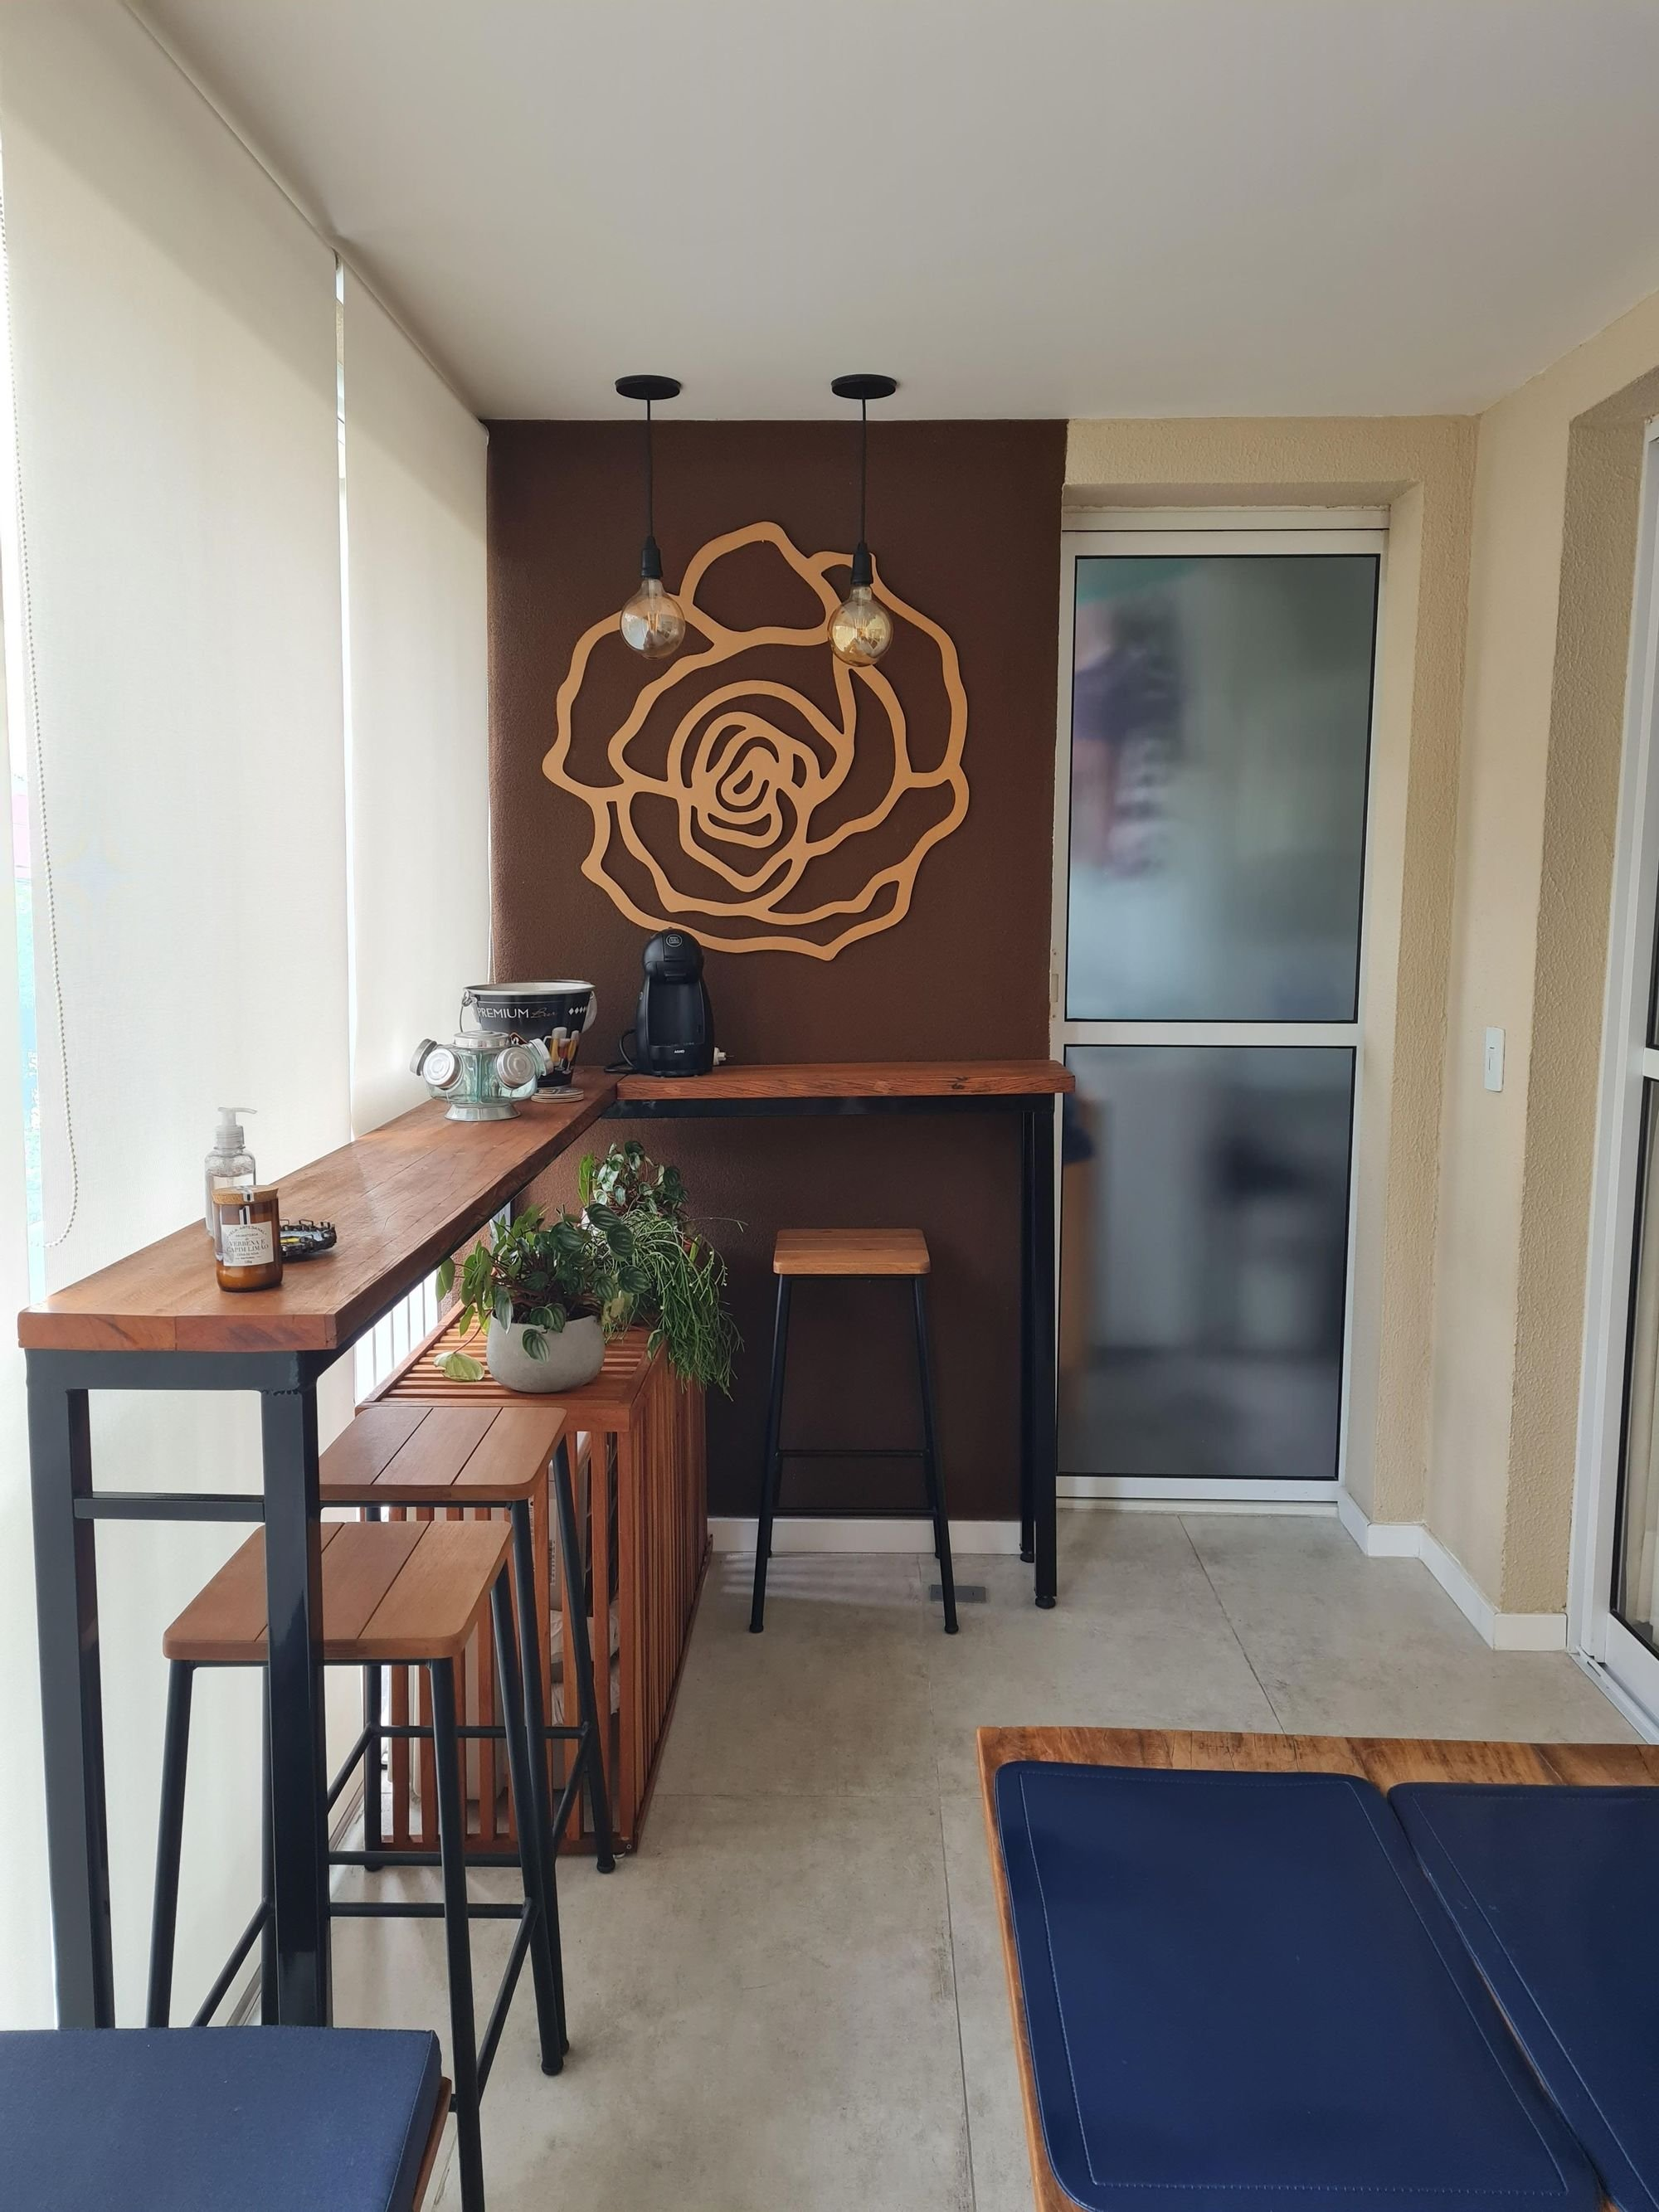 Foto de Sala com vaso de planta, garrafa, cadeira, mesa de jantar